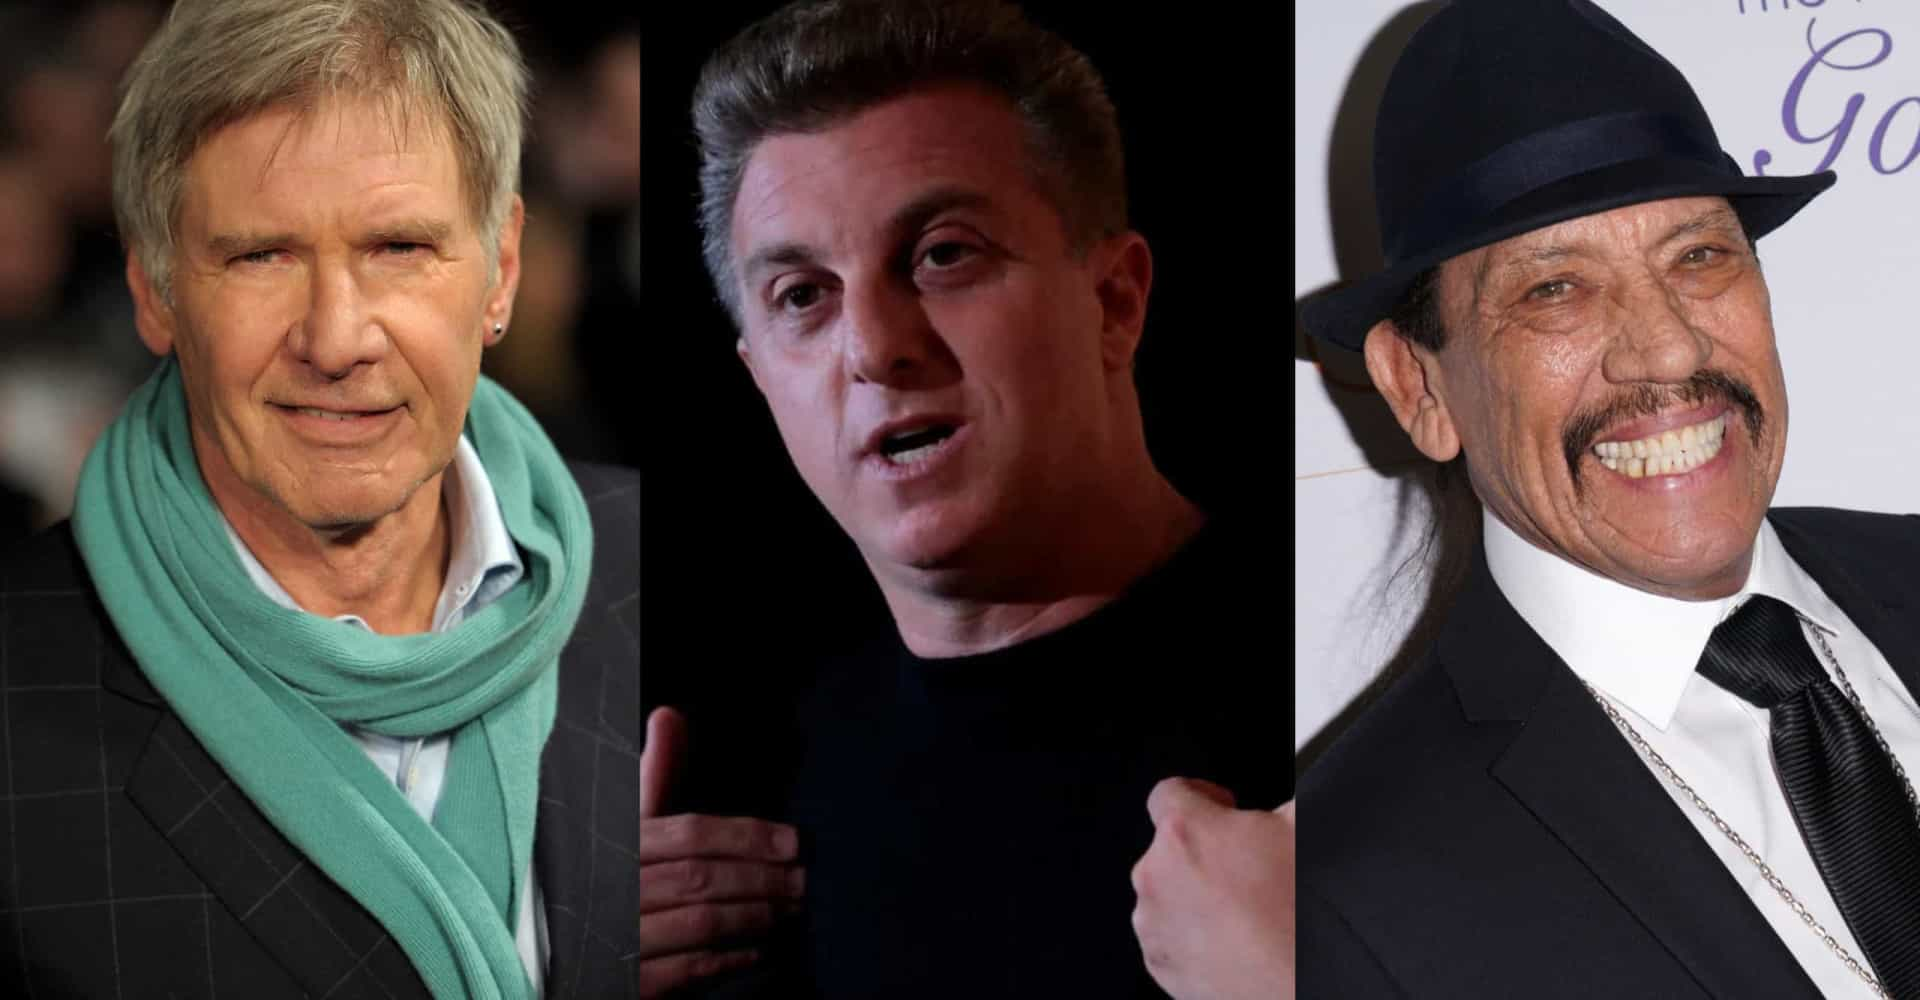 Heróis da vida real: os famosos que salvaram vidas!